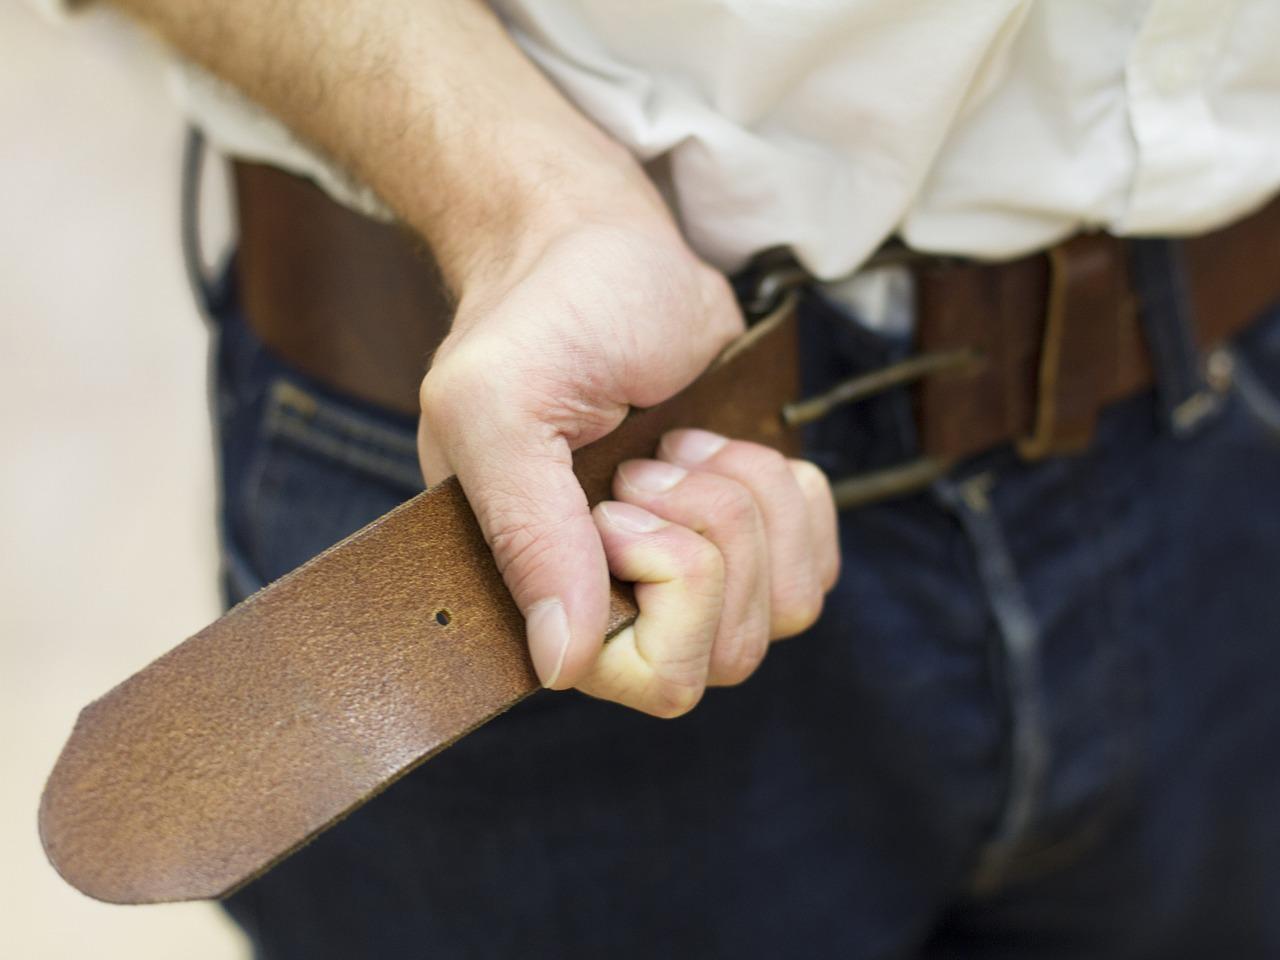 belts-1886069_1280.jpg